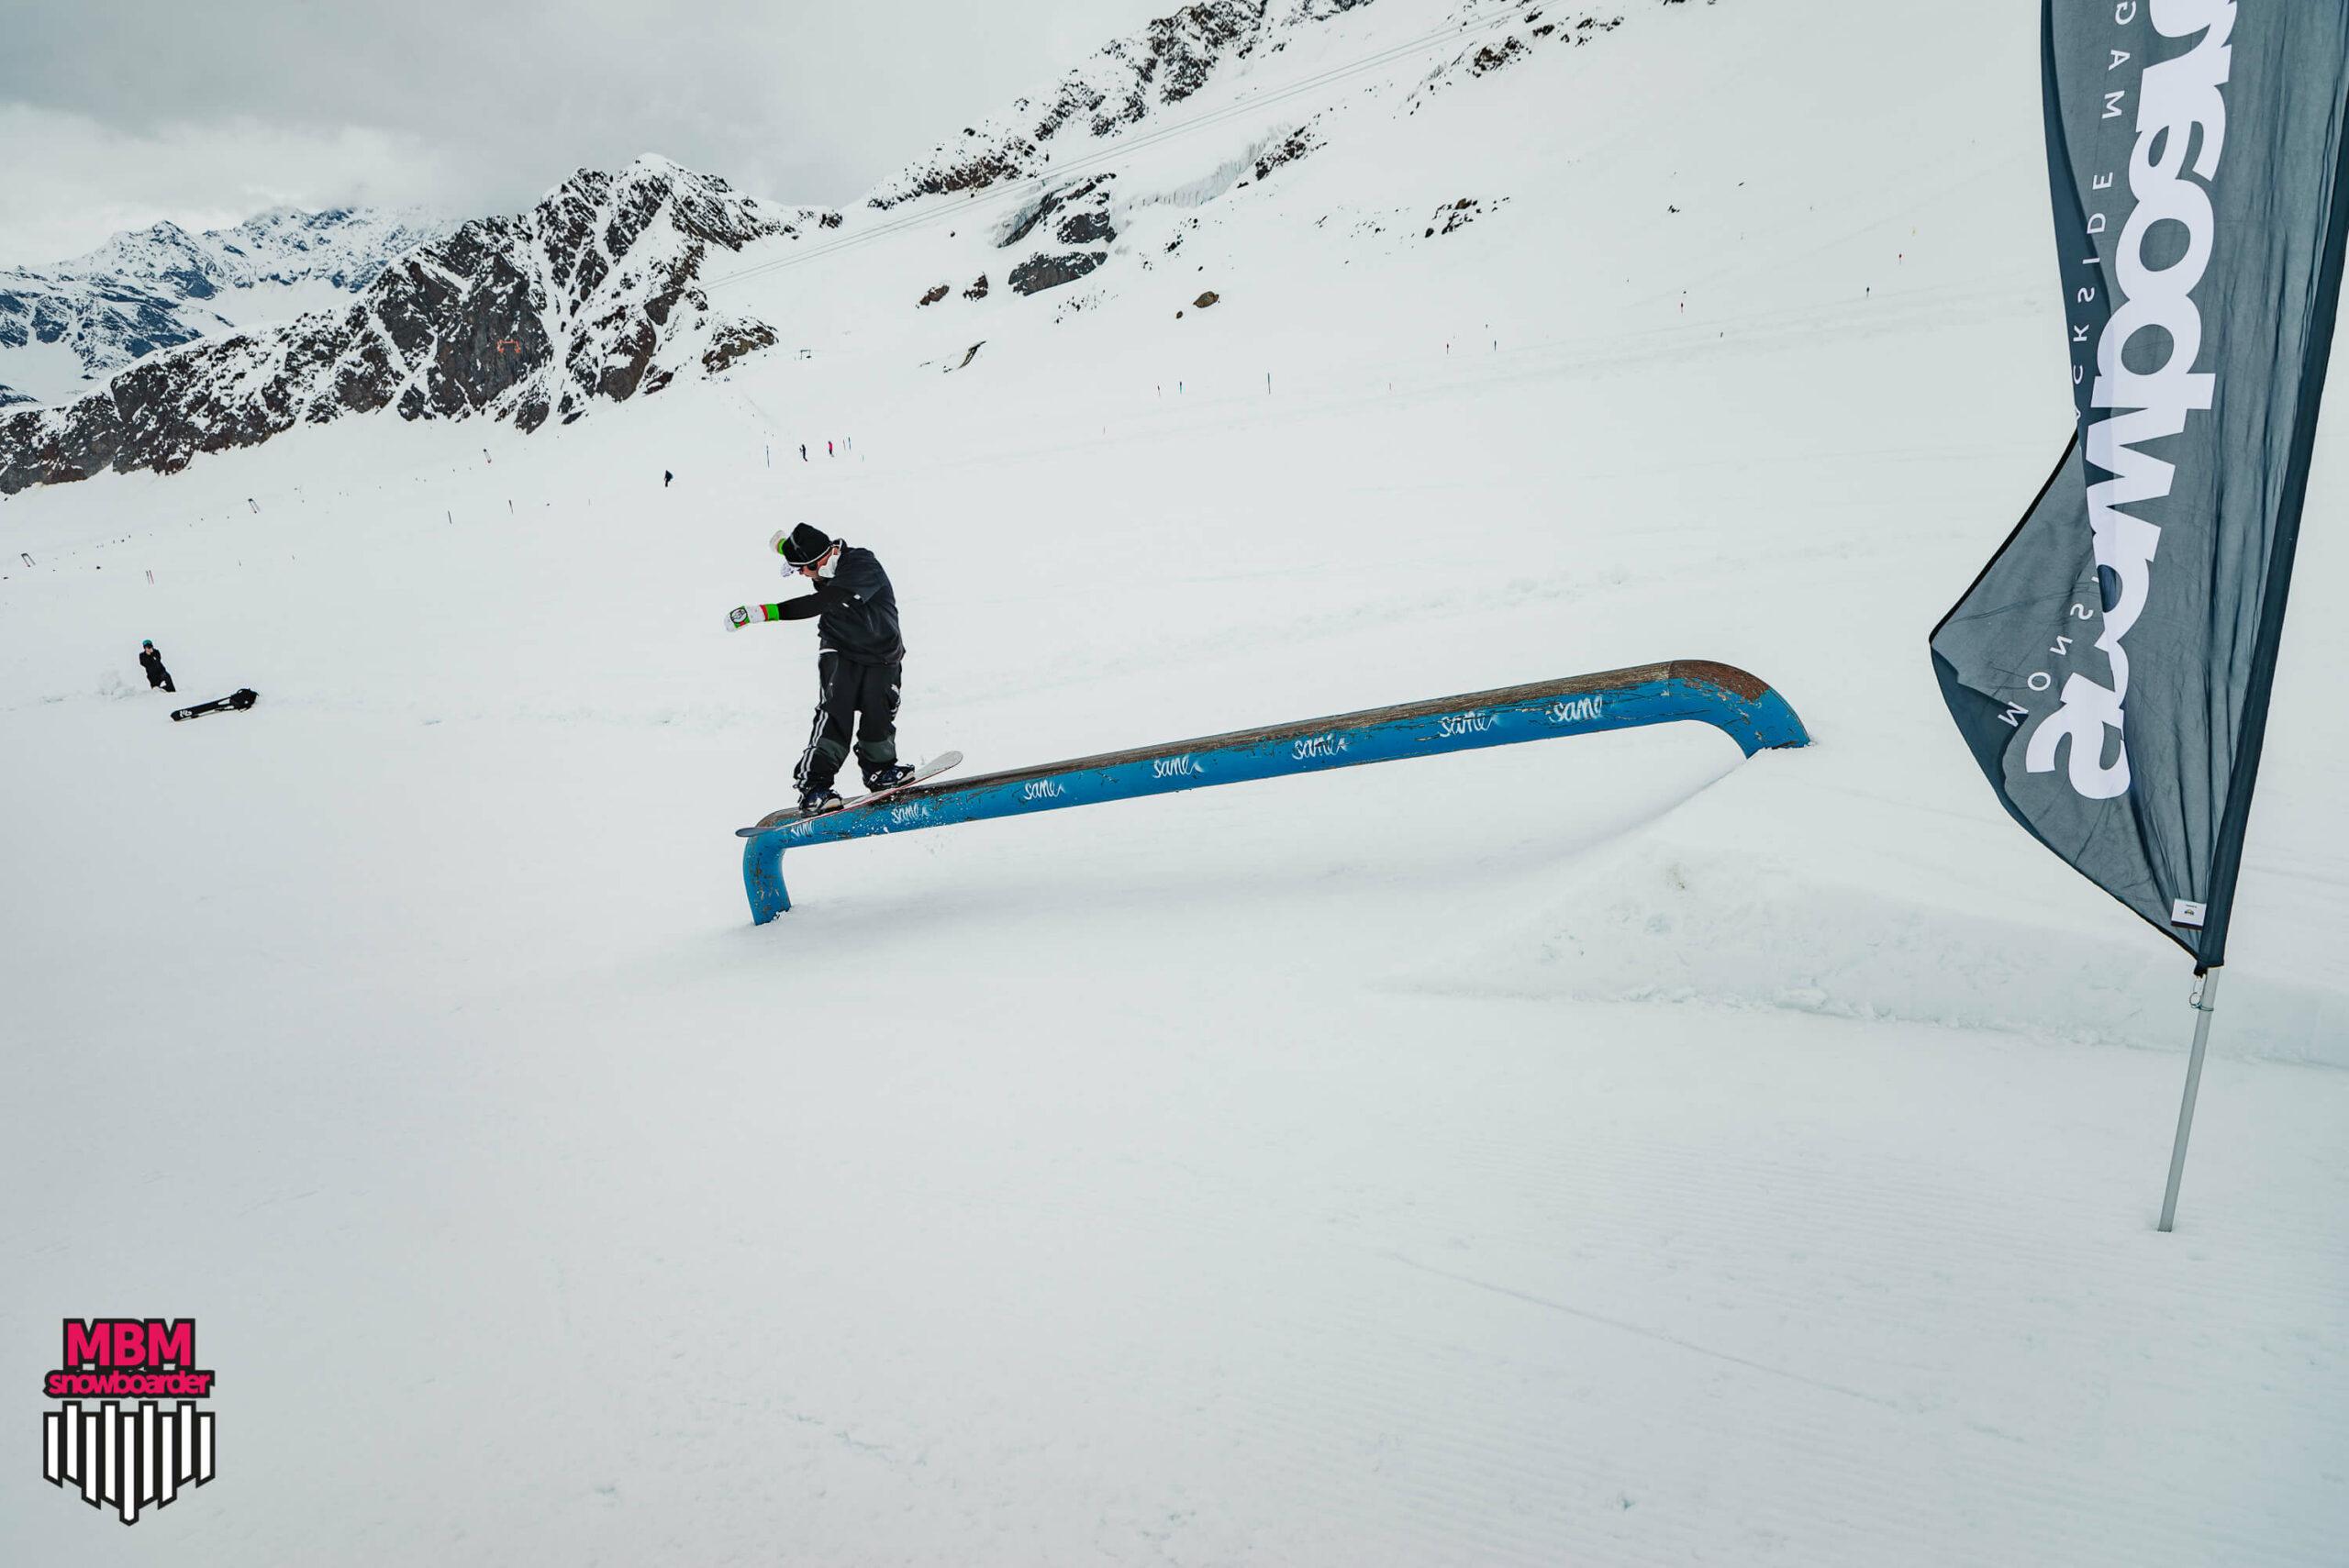 snowboarderMBM_sd_kaunertal_034